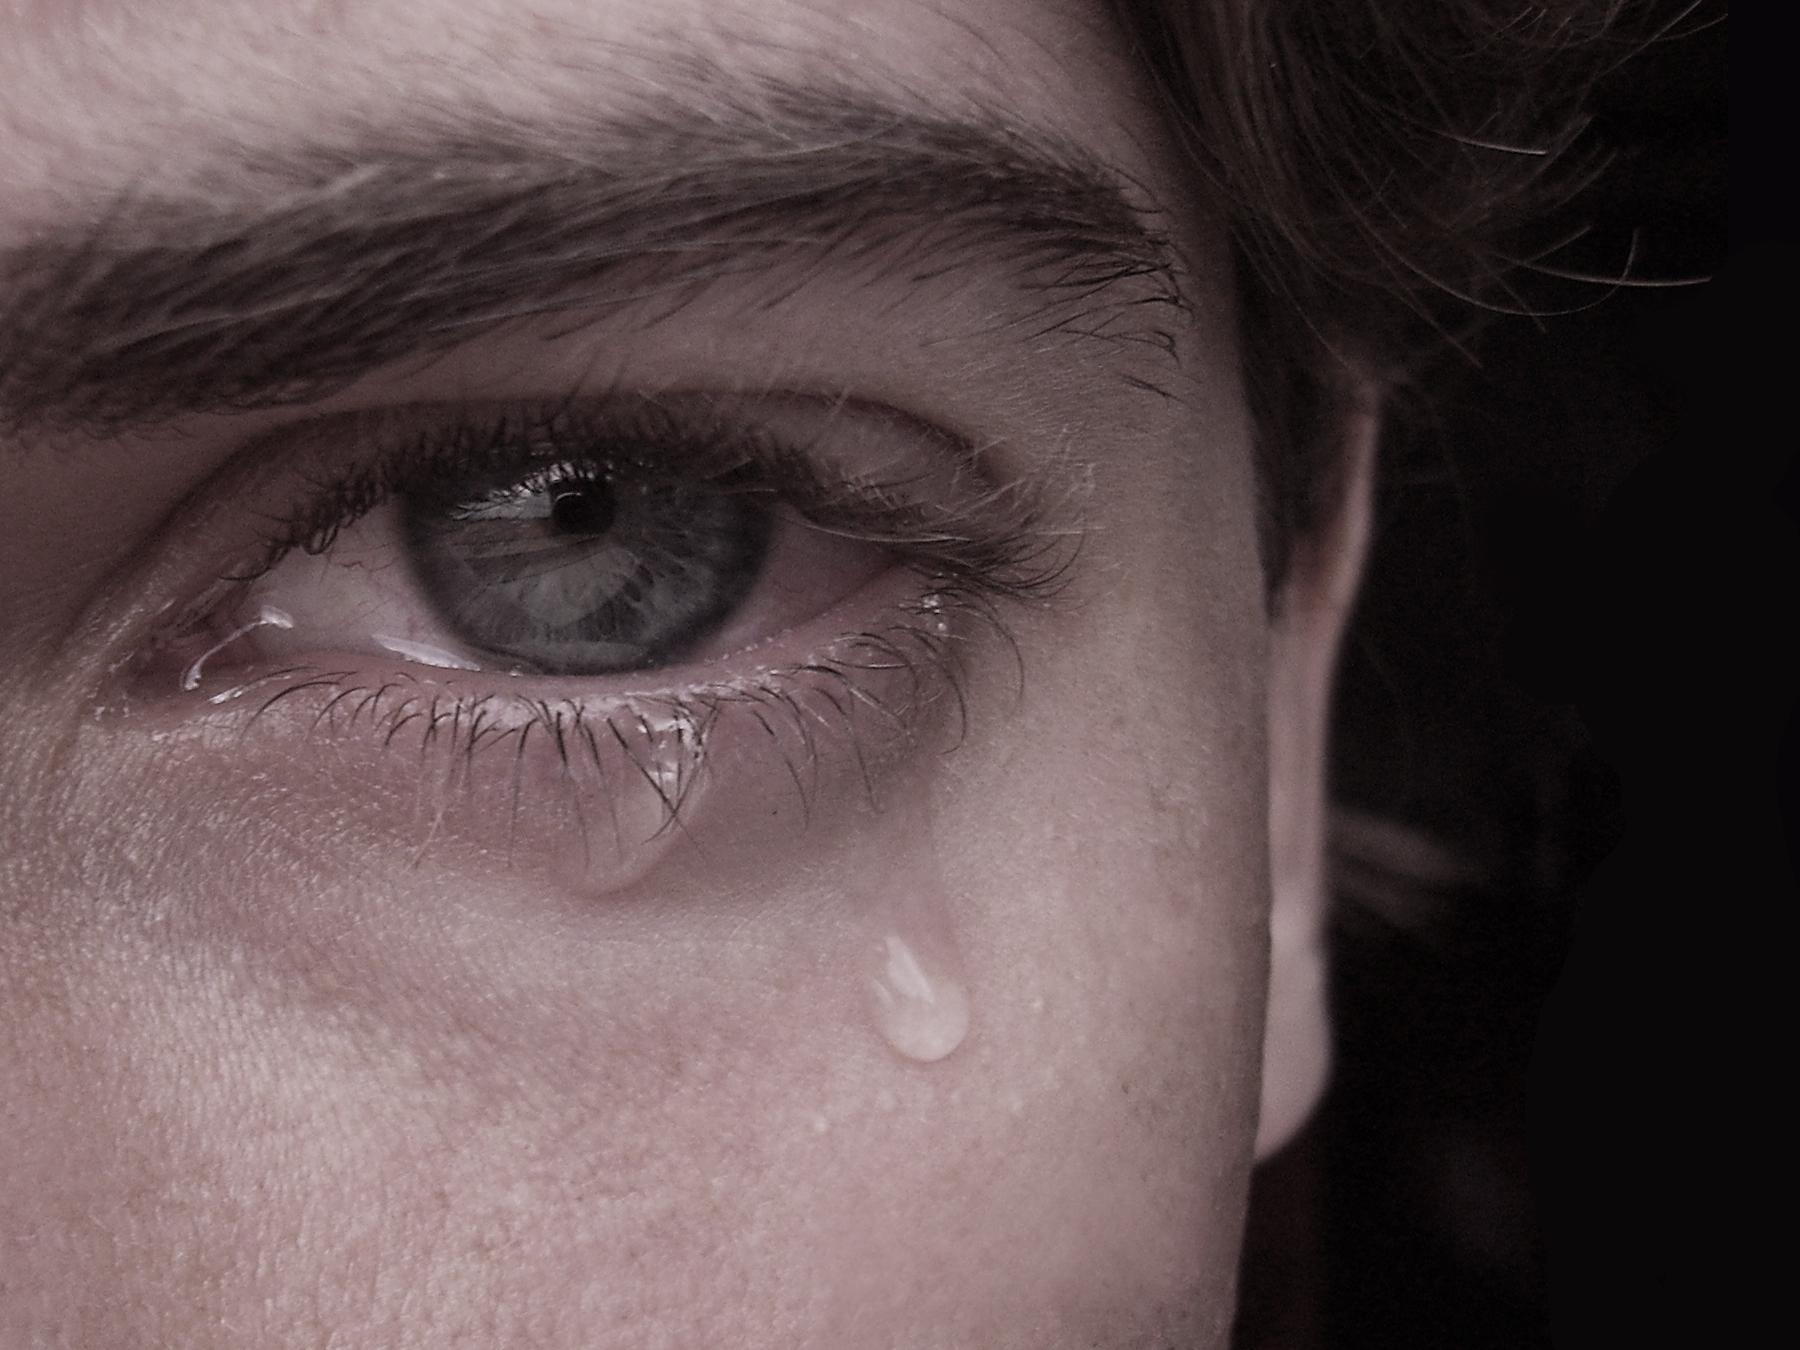 Γιατι η λύπη διαρκεί περισσότερο από κάθε άλλο συναίσθημα;